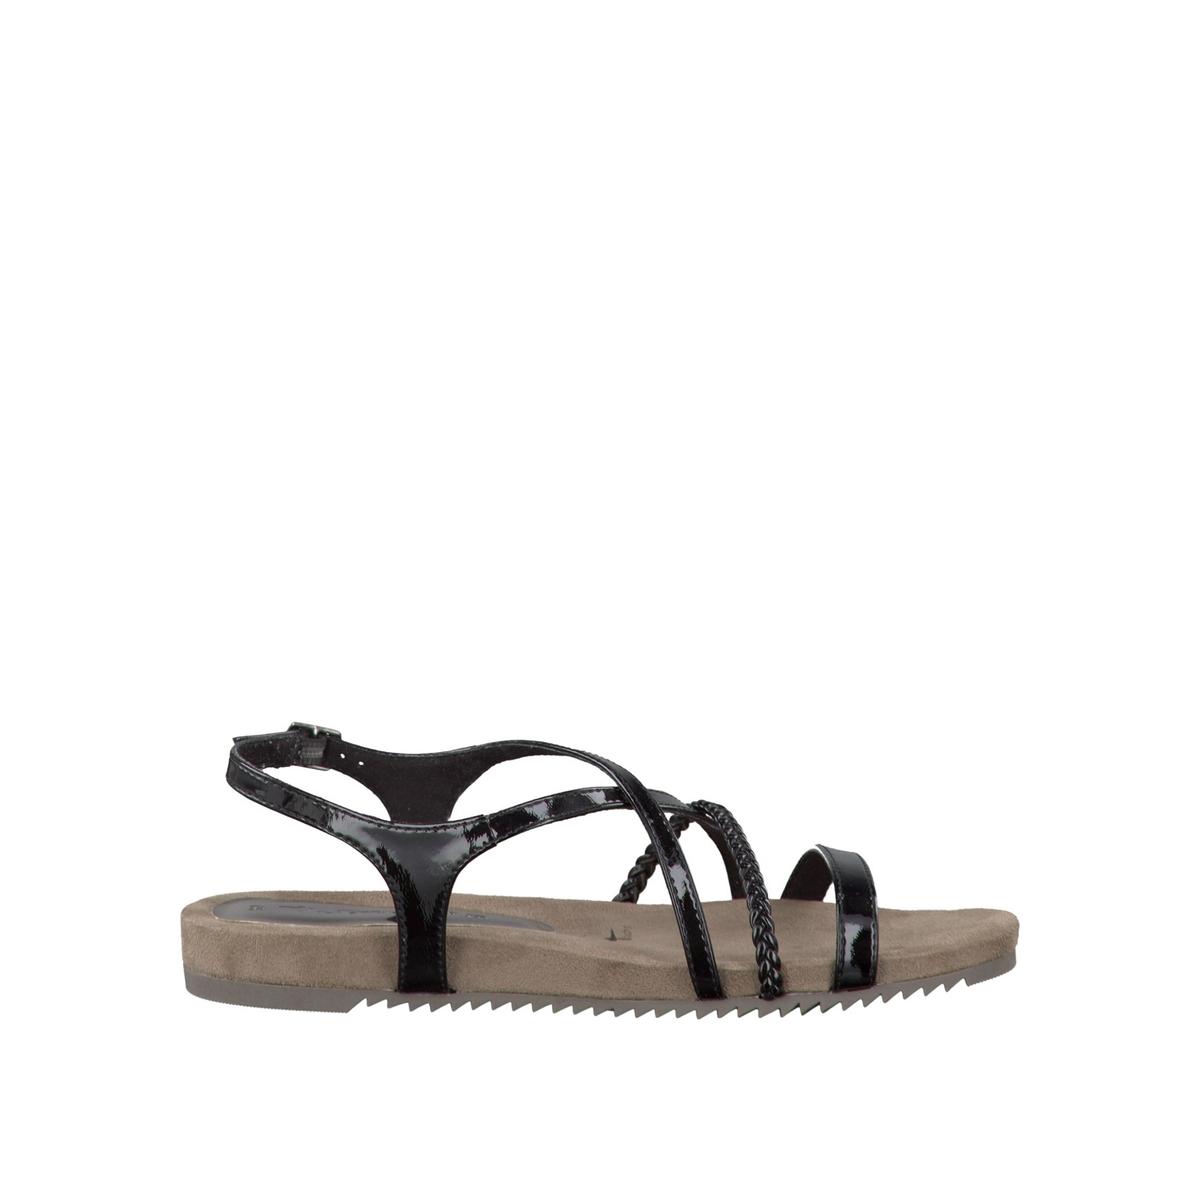 Босоножки 28106-28Верх/Голенище : синтетика    Подкладка : текстиль    Стелька : синтетика    Подошва : синтетика    Высота каблука : 2 см    Форма каблука : плоский каблук    Мысок : закругленный мысок    Застежка : пряжка<br><br>Цвет: серебристый,Черный лак<br>Размер: 39